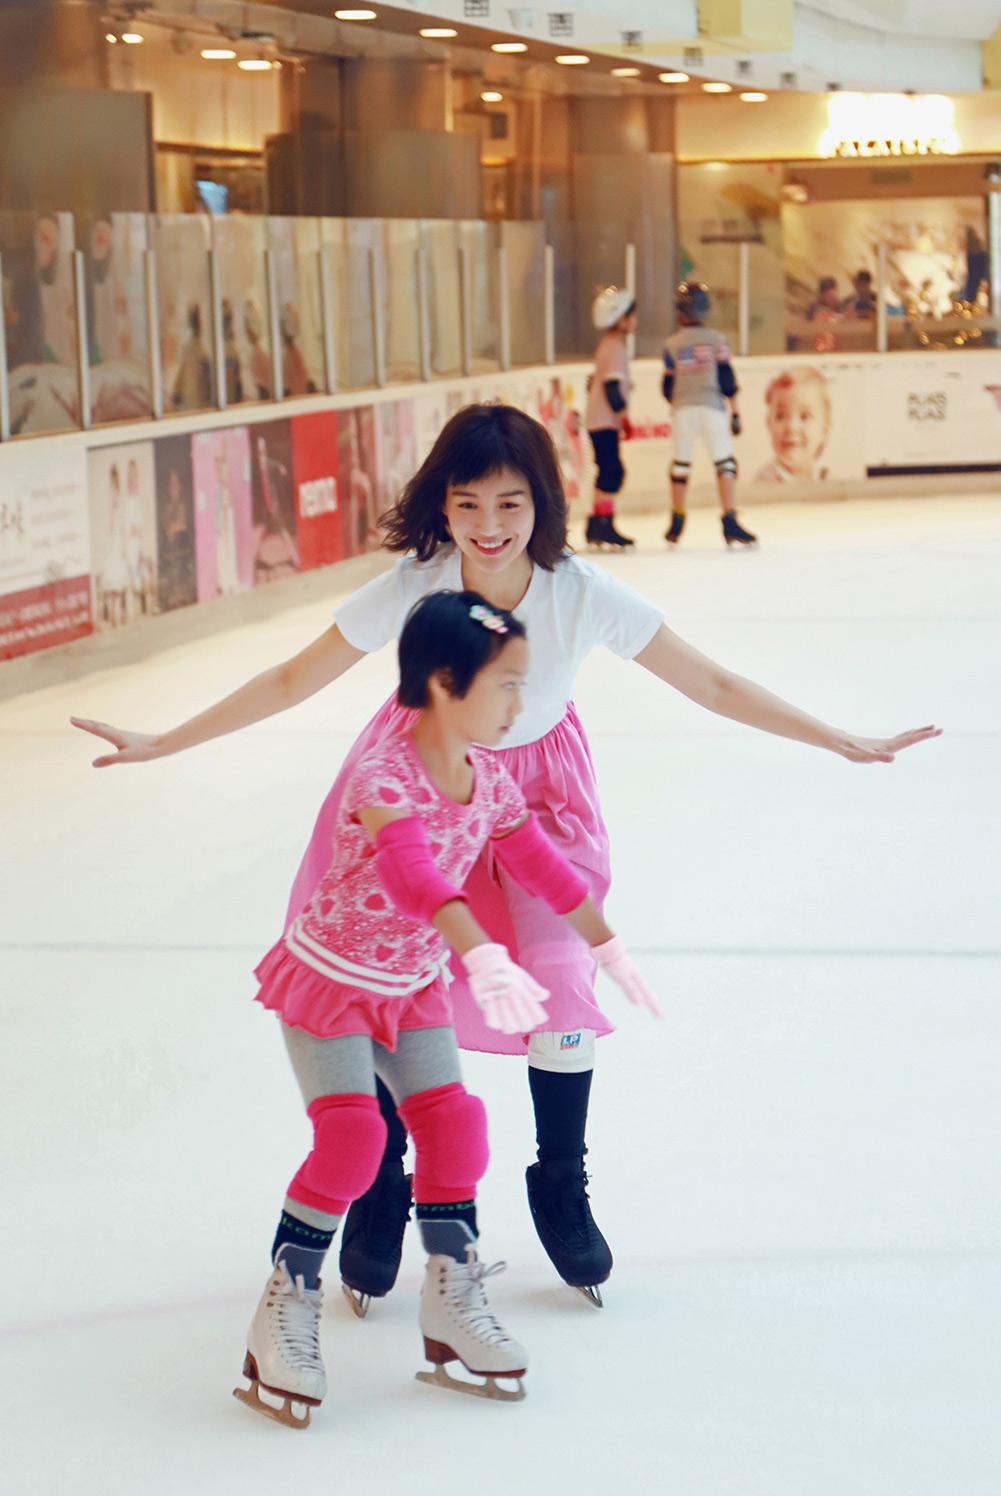 苏青化身冰上精灵享童趣时光,少女力MAX